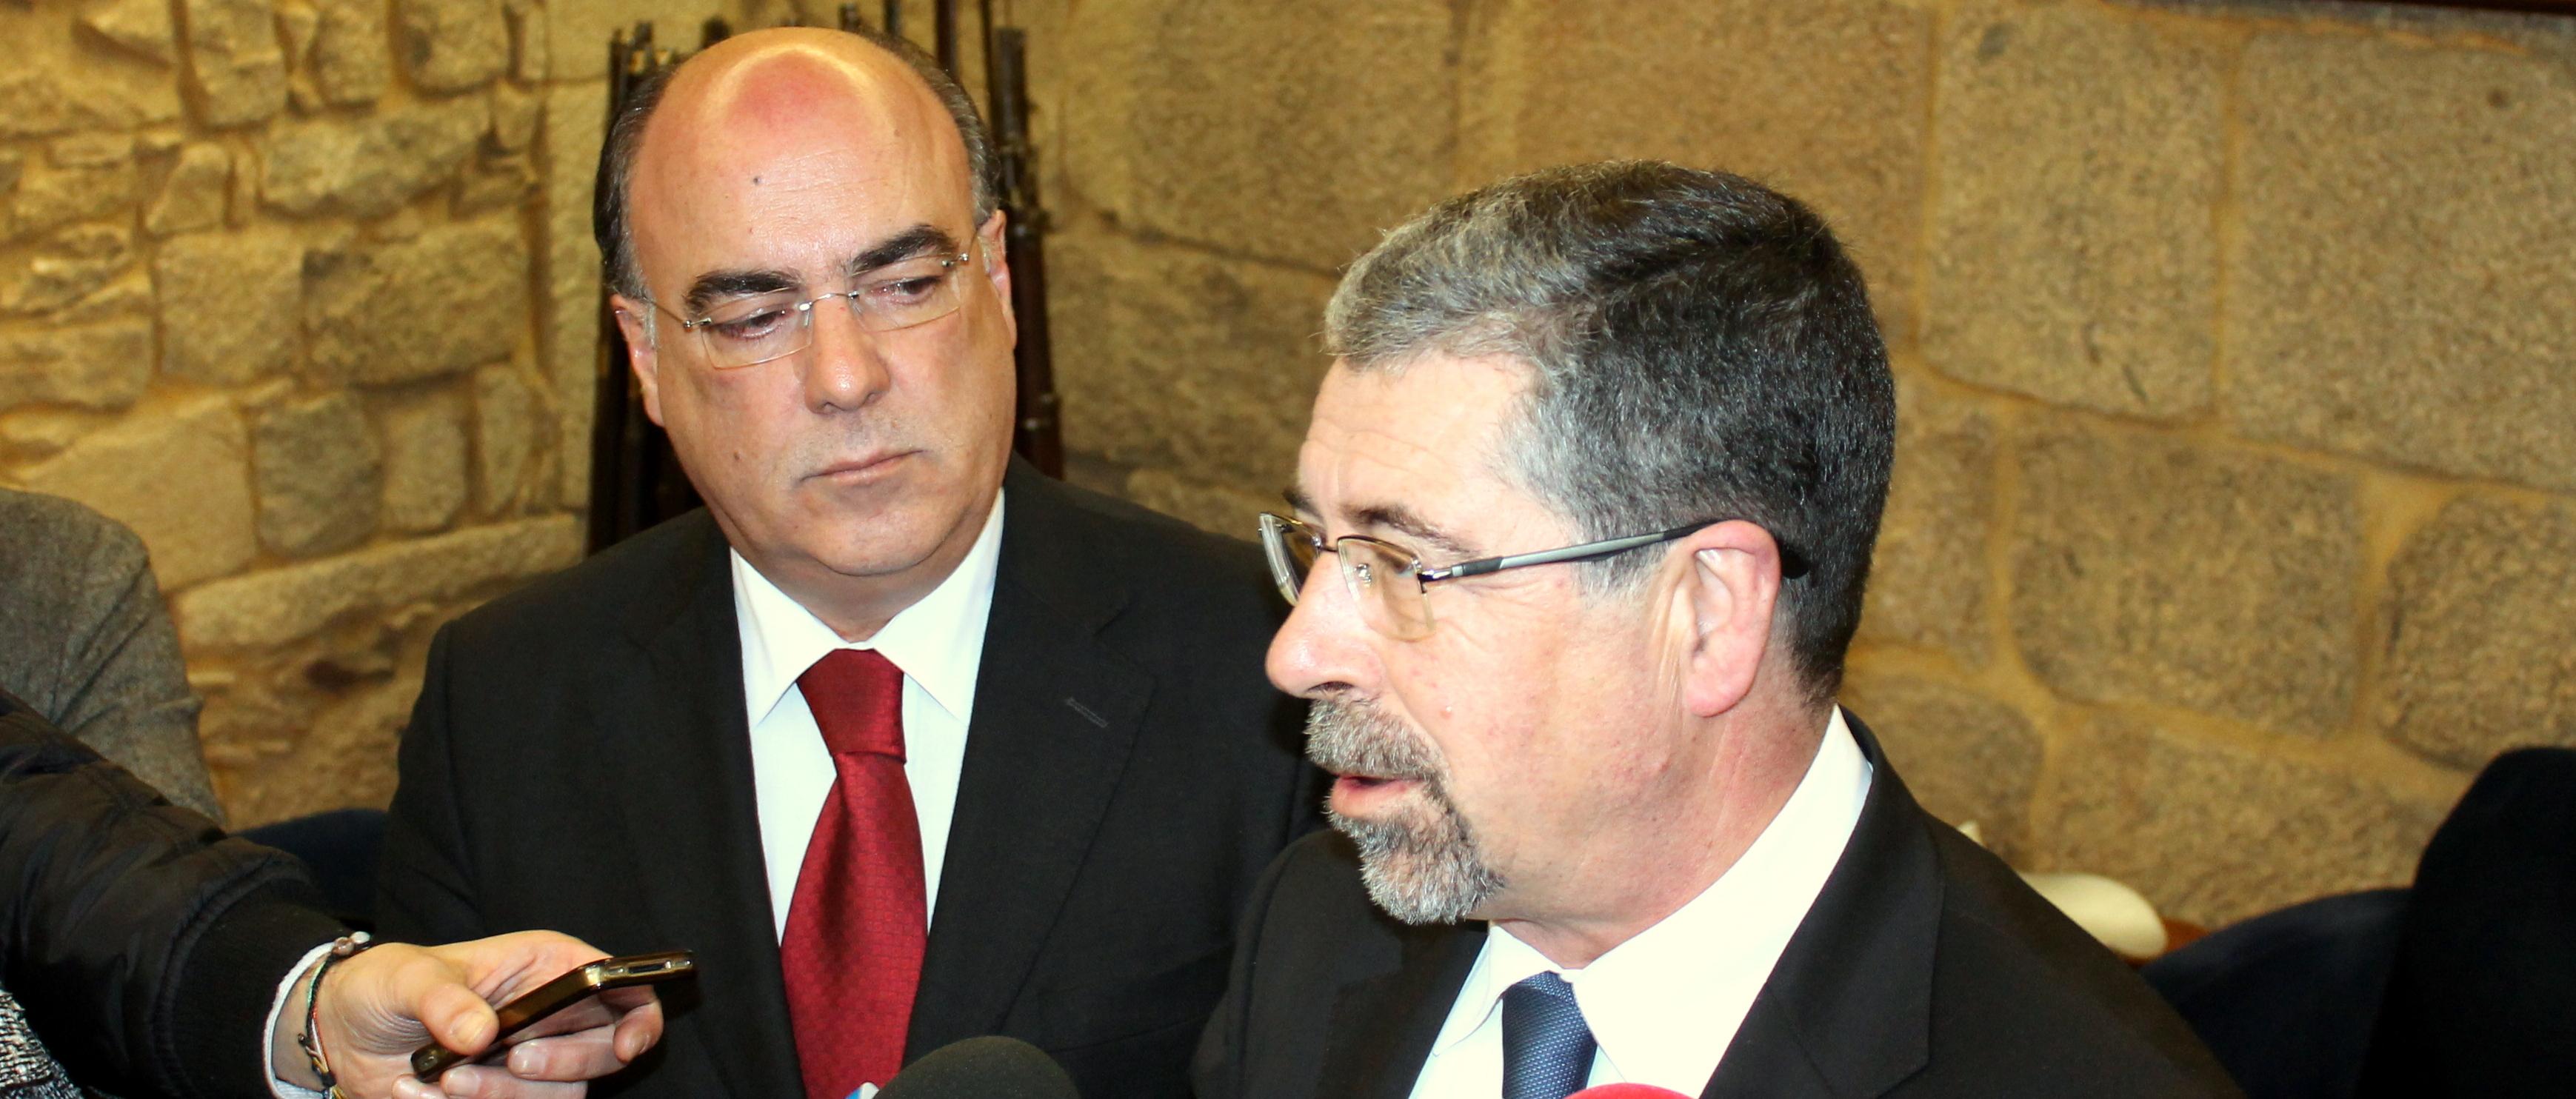 Direção da Associação Nacional de Municípios reuniu em Barcelos